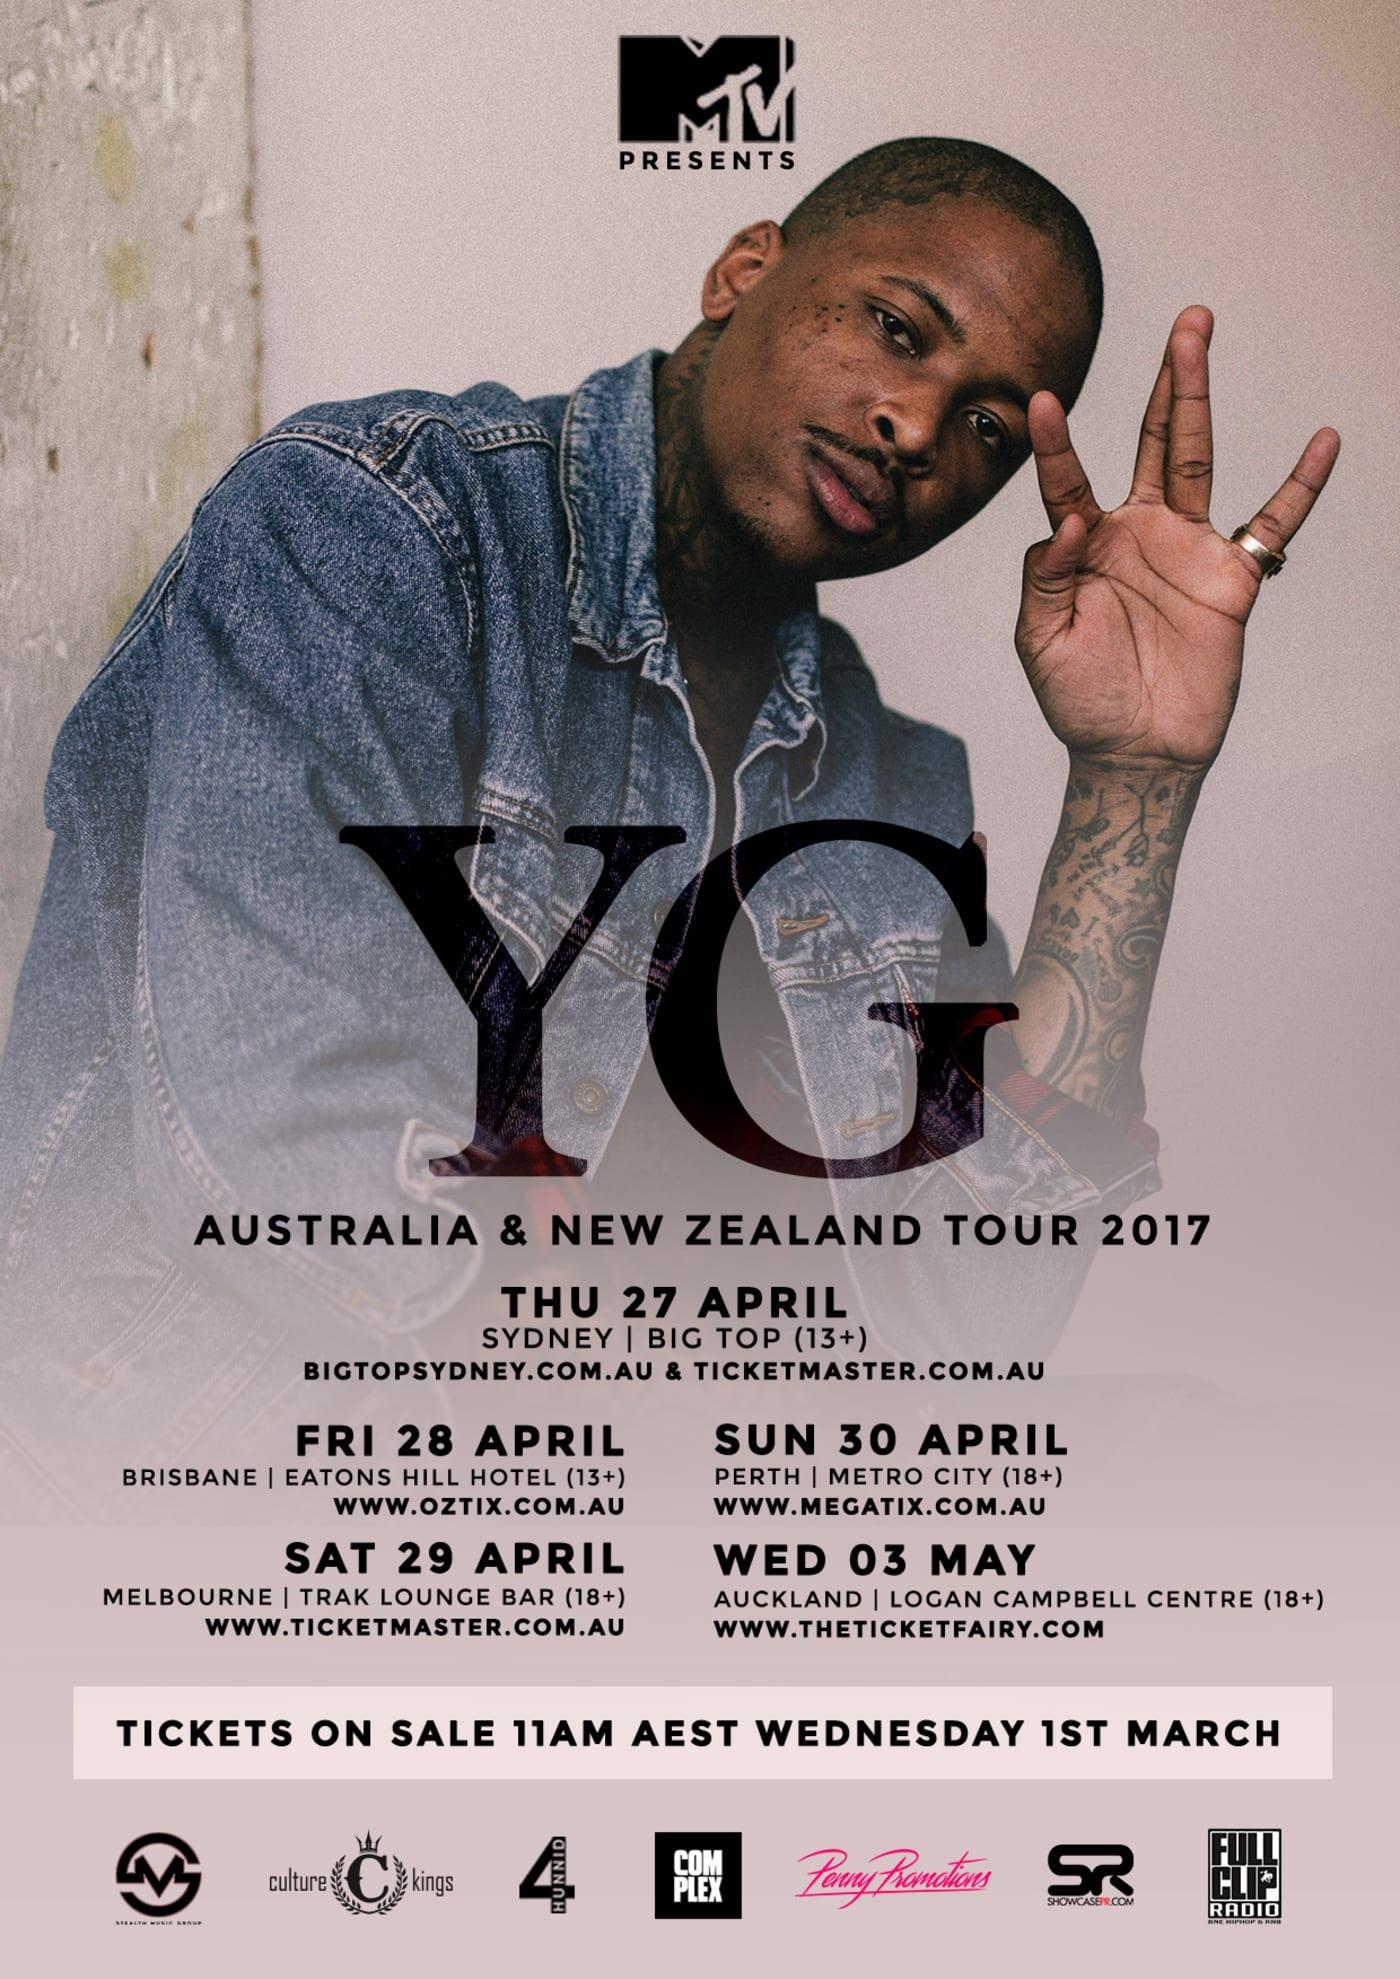 YG Australia & New Zealand tour dates 2017